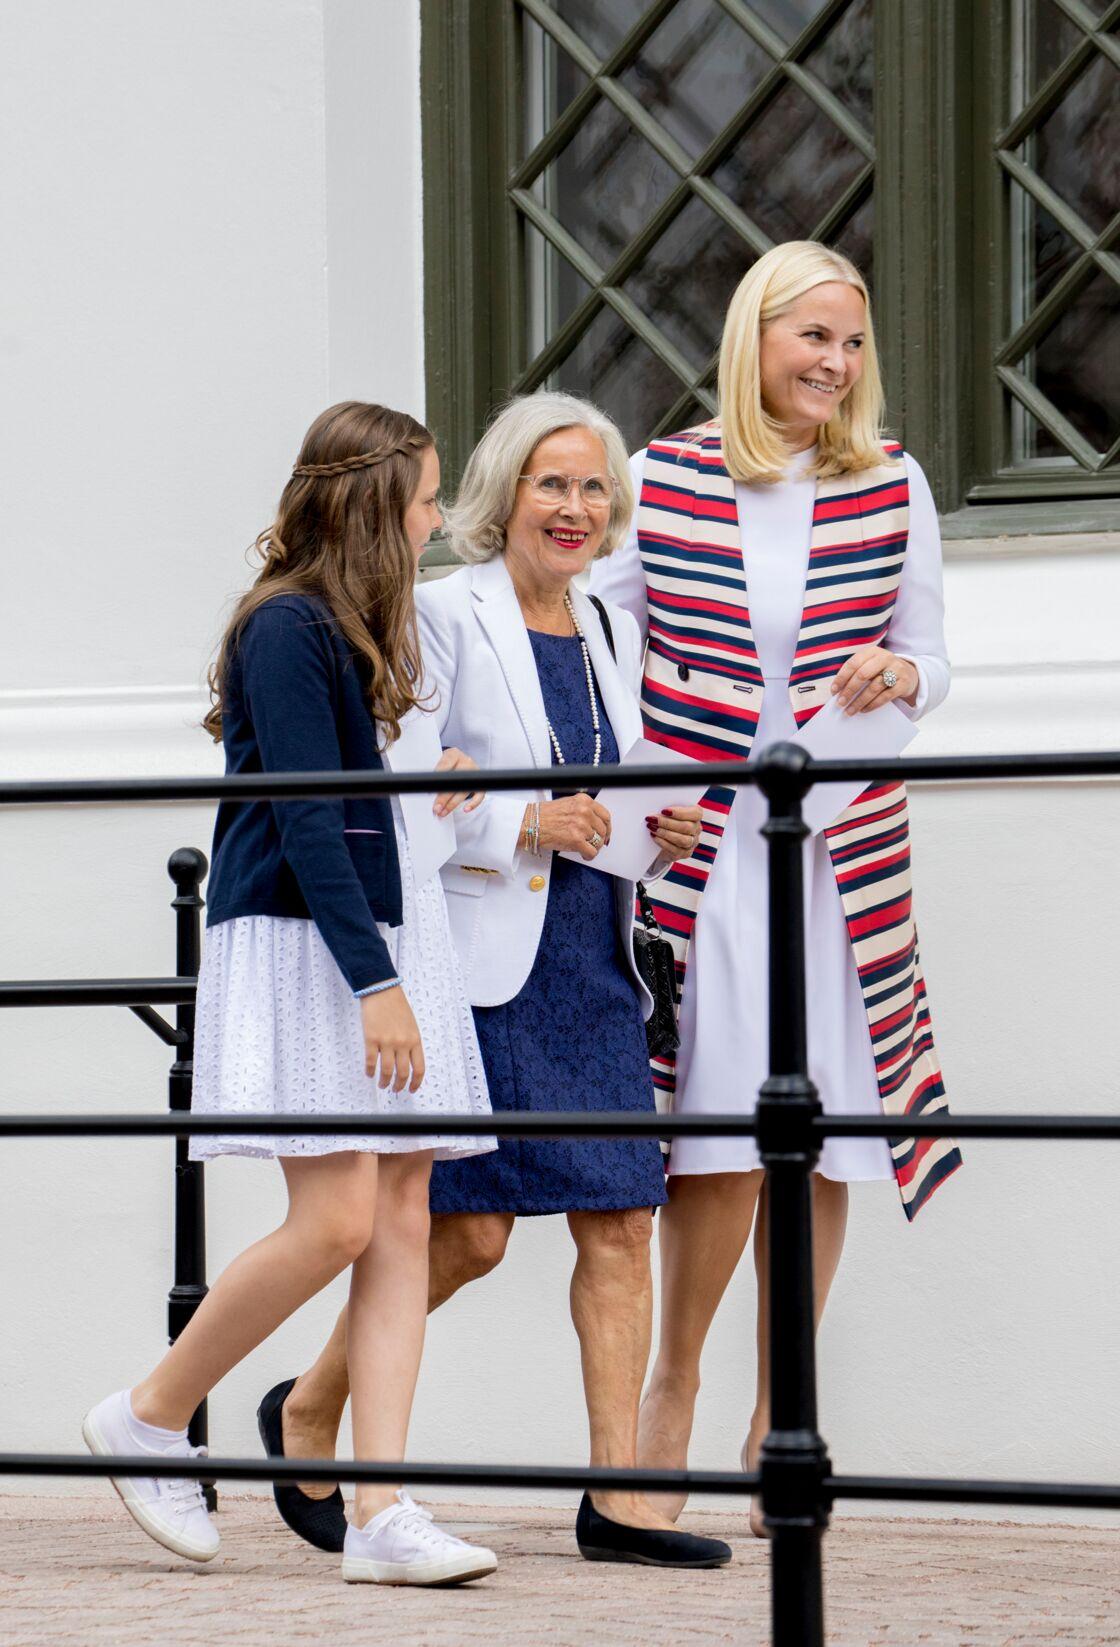 Mette-Marit entourée de sa fille la princesse Ingrid Alexandra et de sa mère Marit Tjessem et lpour le 80ème anniversaire de la reine Sonja de Norvège, à Oslo, en juillet 2017.